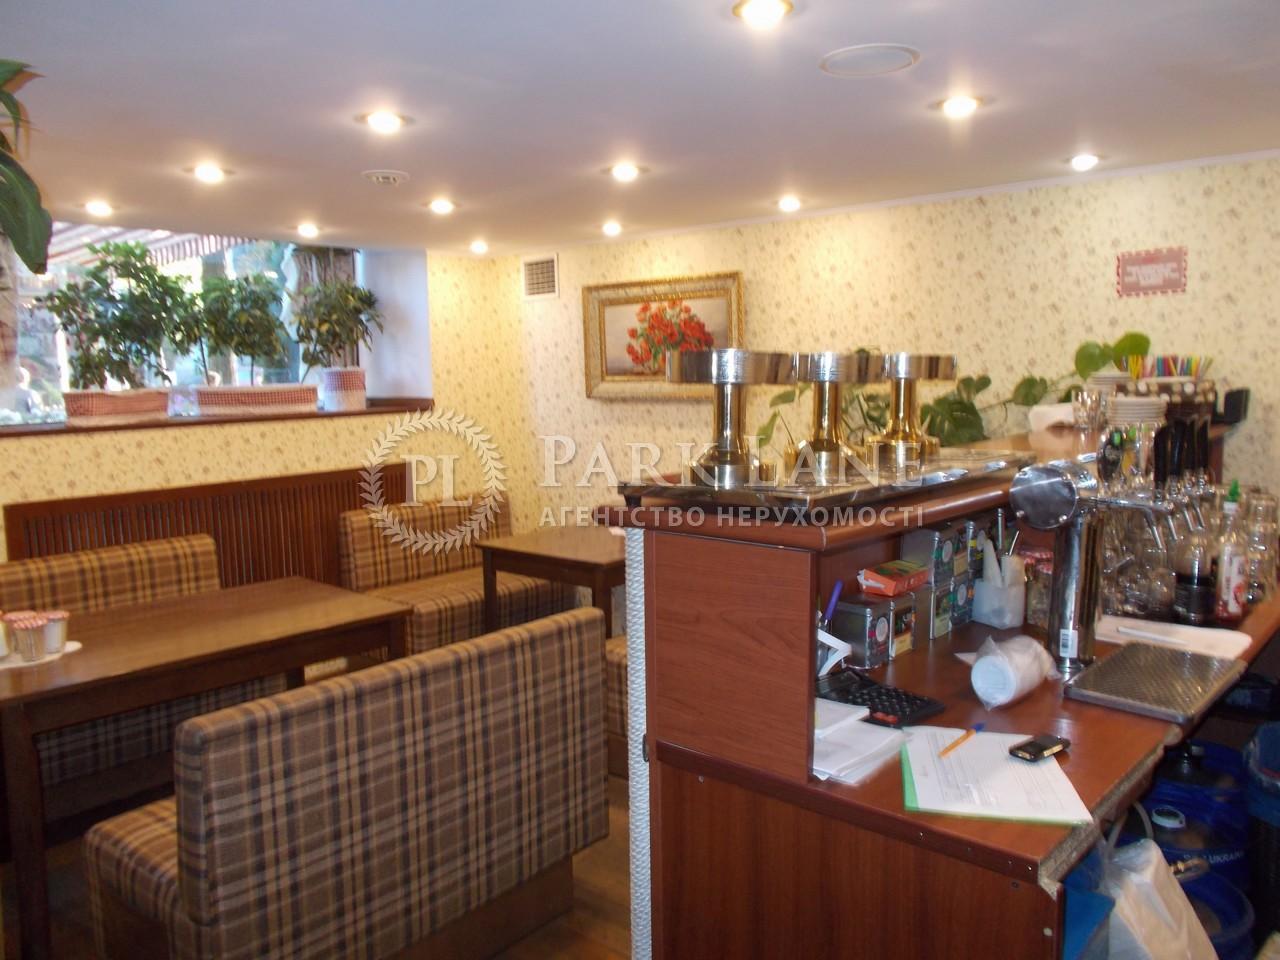 Ресторан, вул. Банкова, Київ, R-14955 - Фото 7